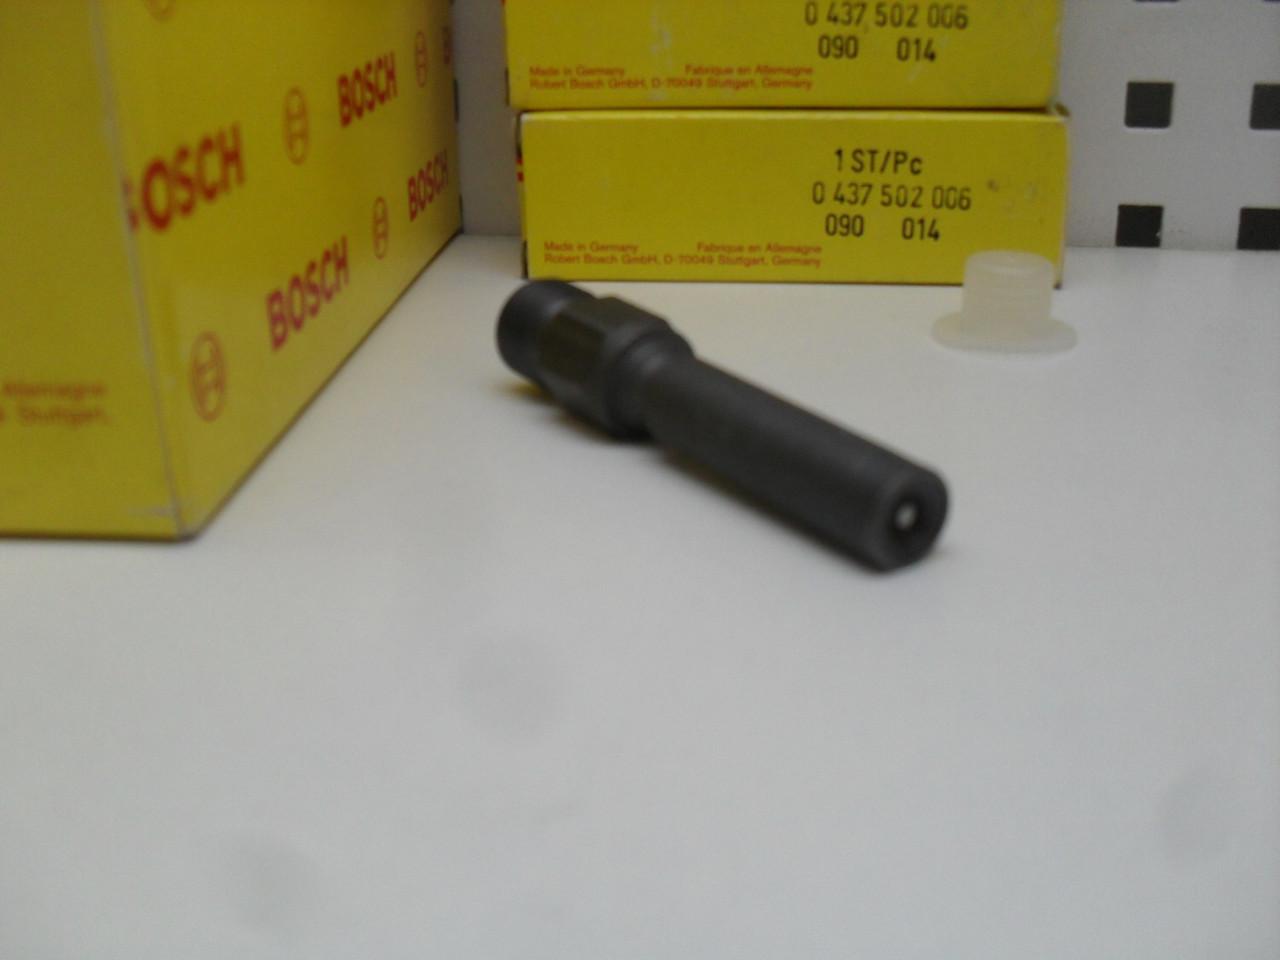 Форсунка бензиновая Bosch 0437502006, 0 437 502 006, BMW